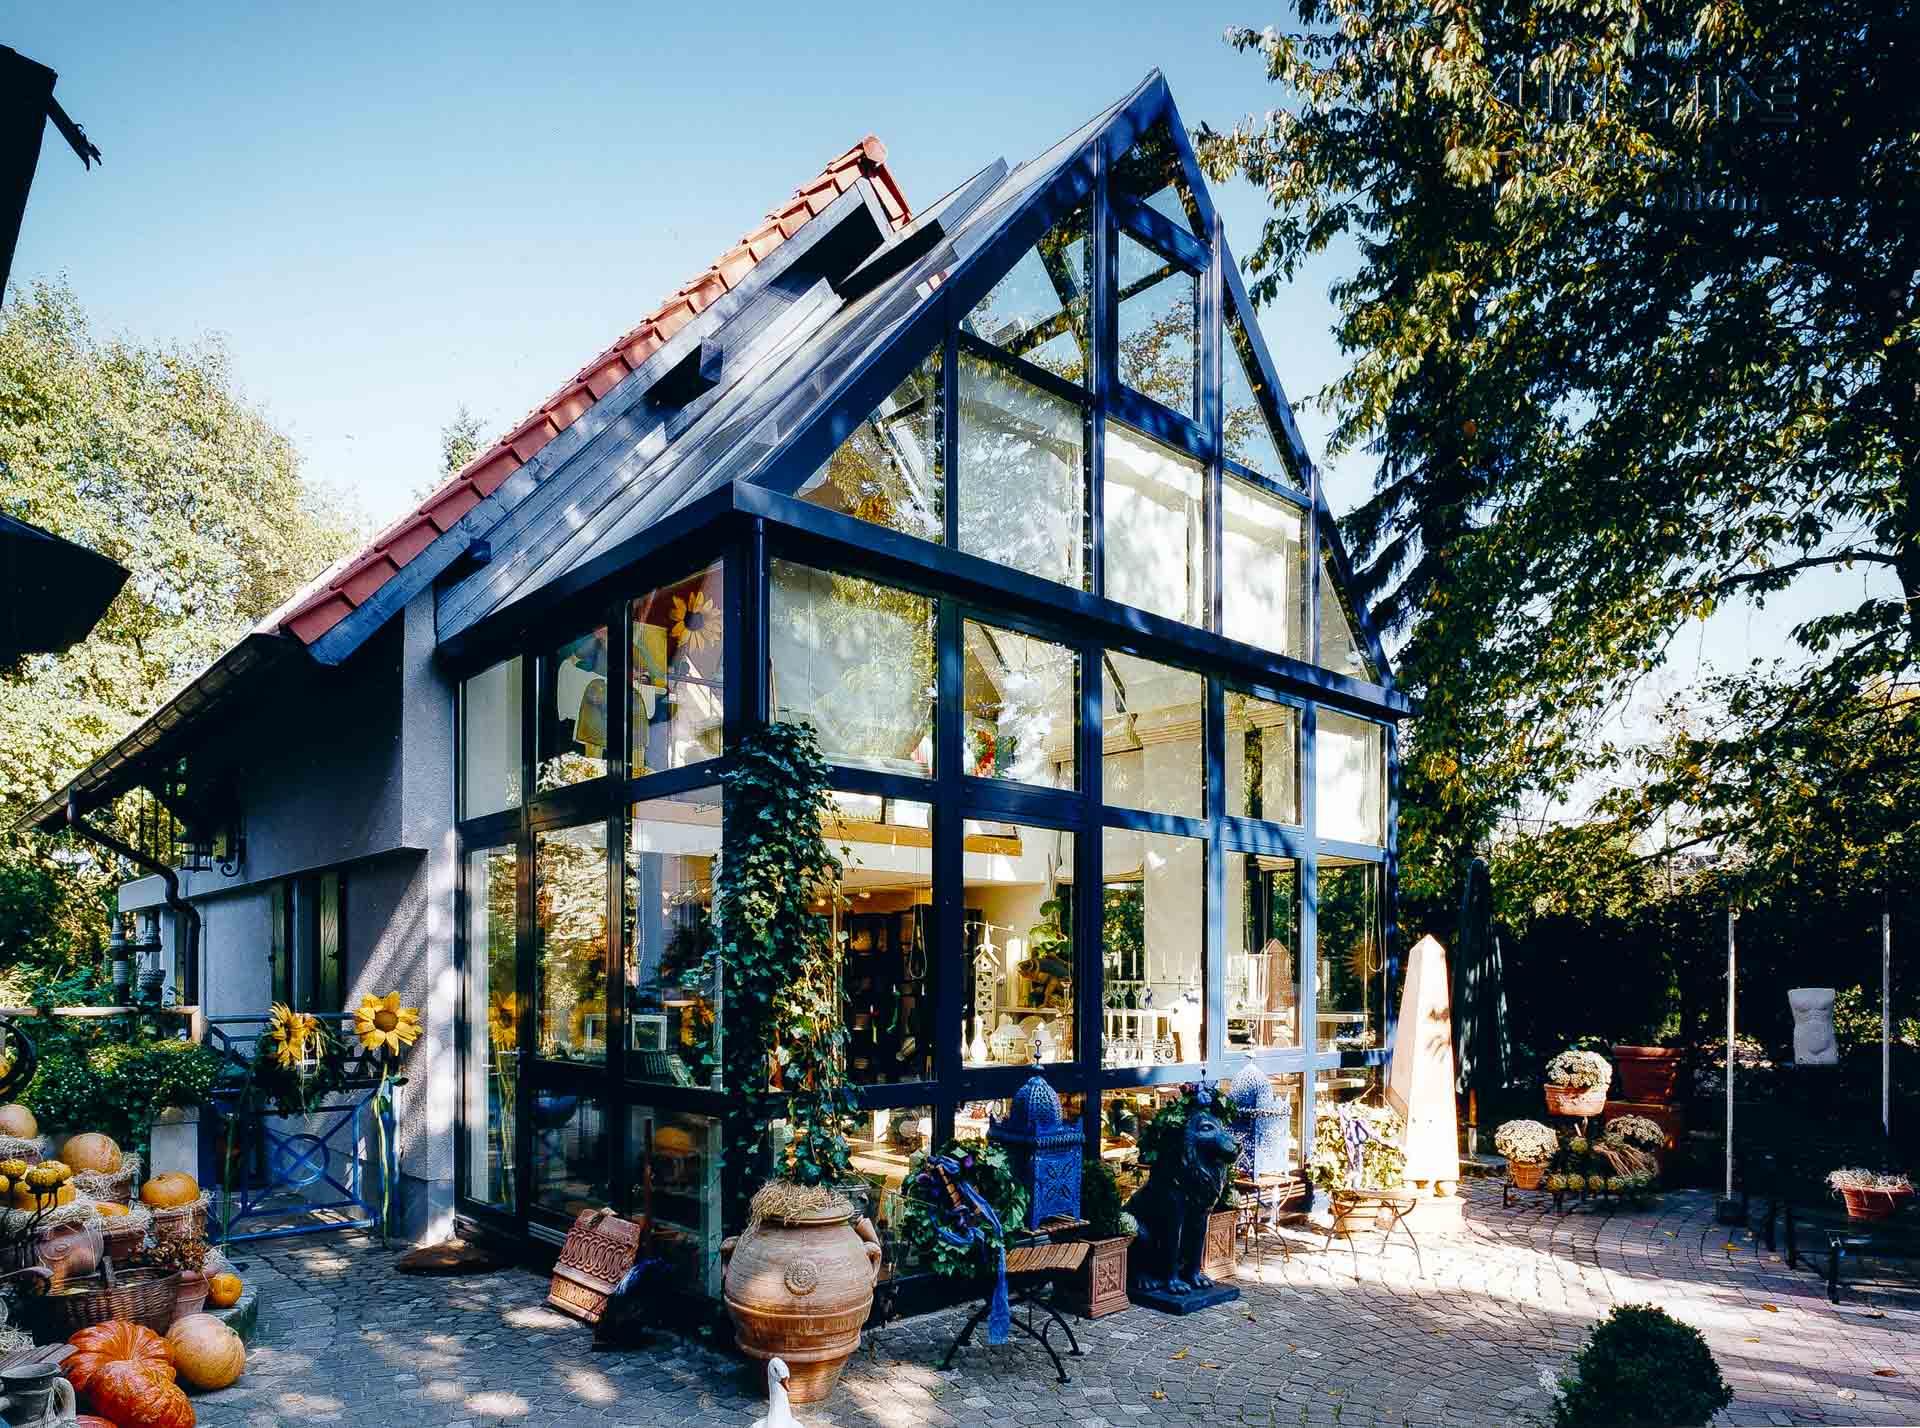 Wintergarten in Bochum (Objekt 514). Die EcoSun-Wärmedämmung schafft ein angenehmes Klima bei Wintergartenhäusern